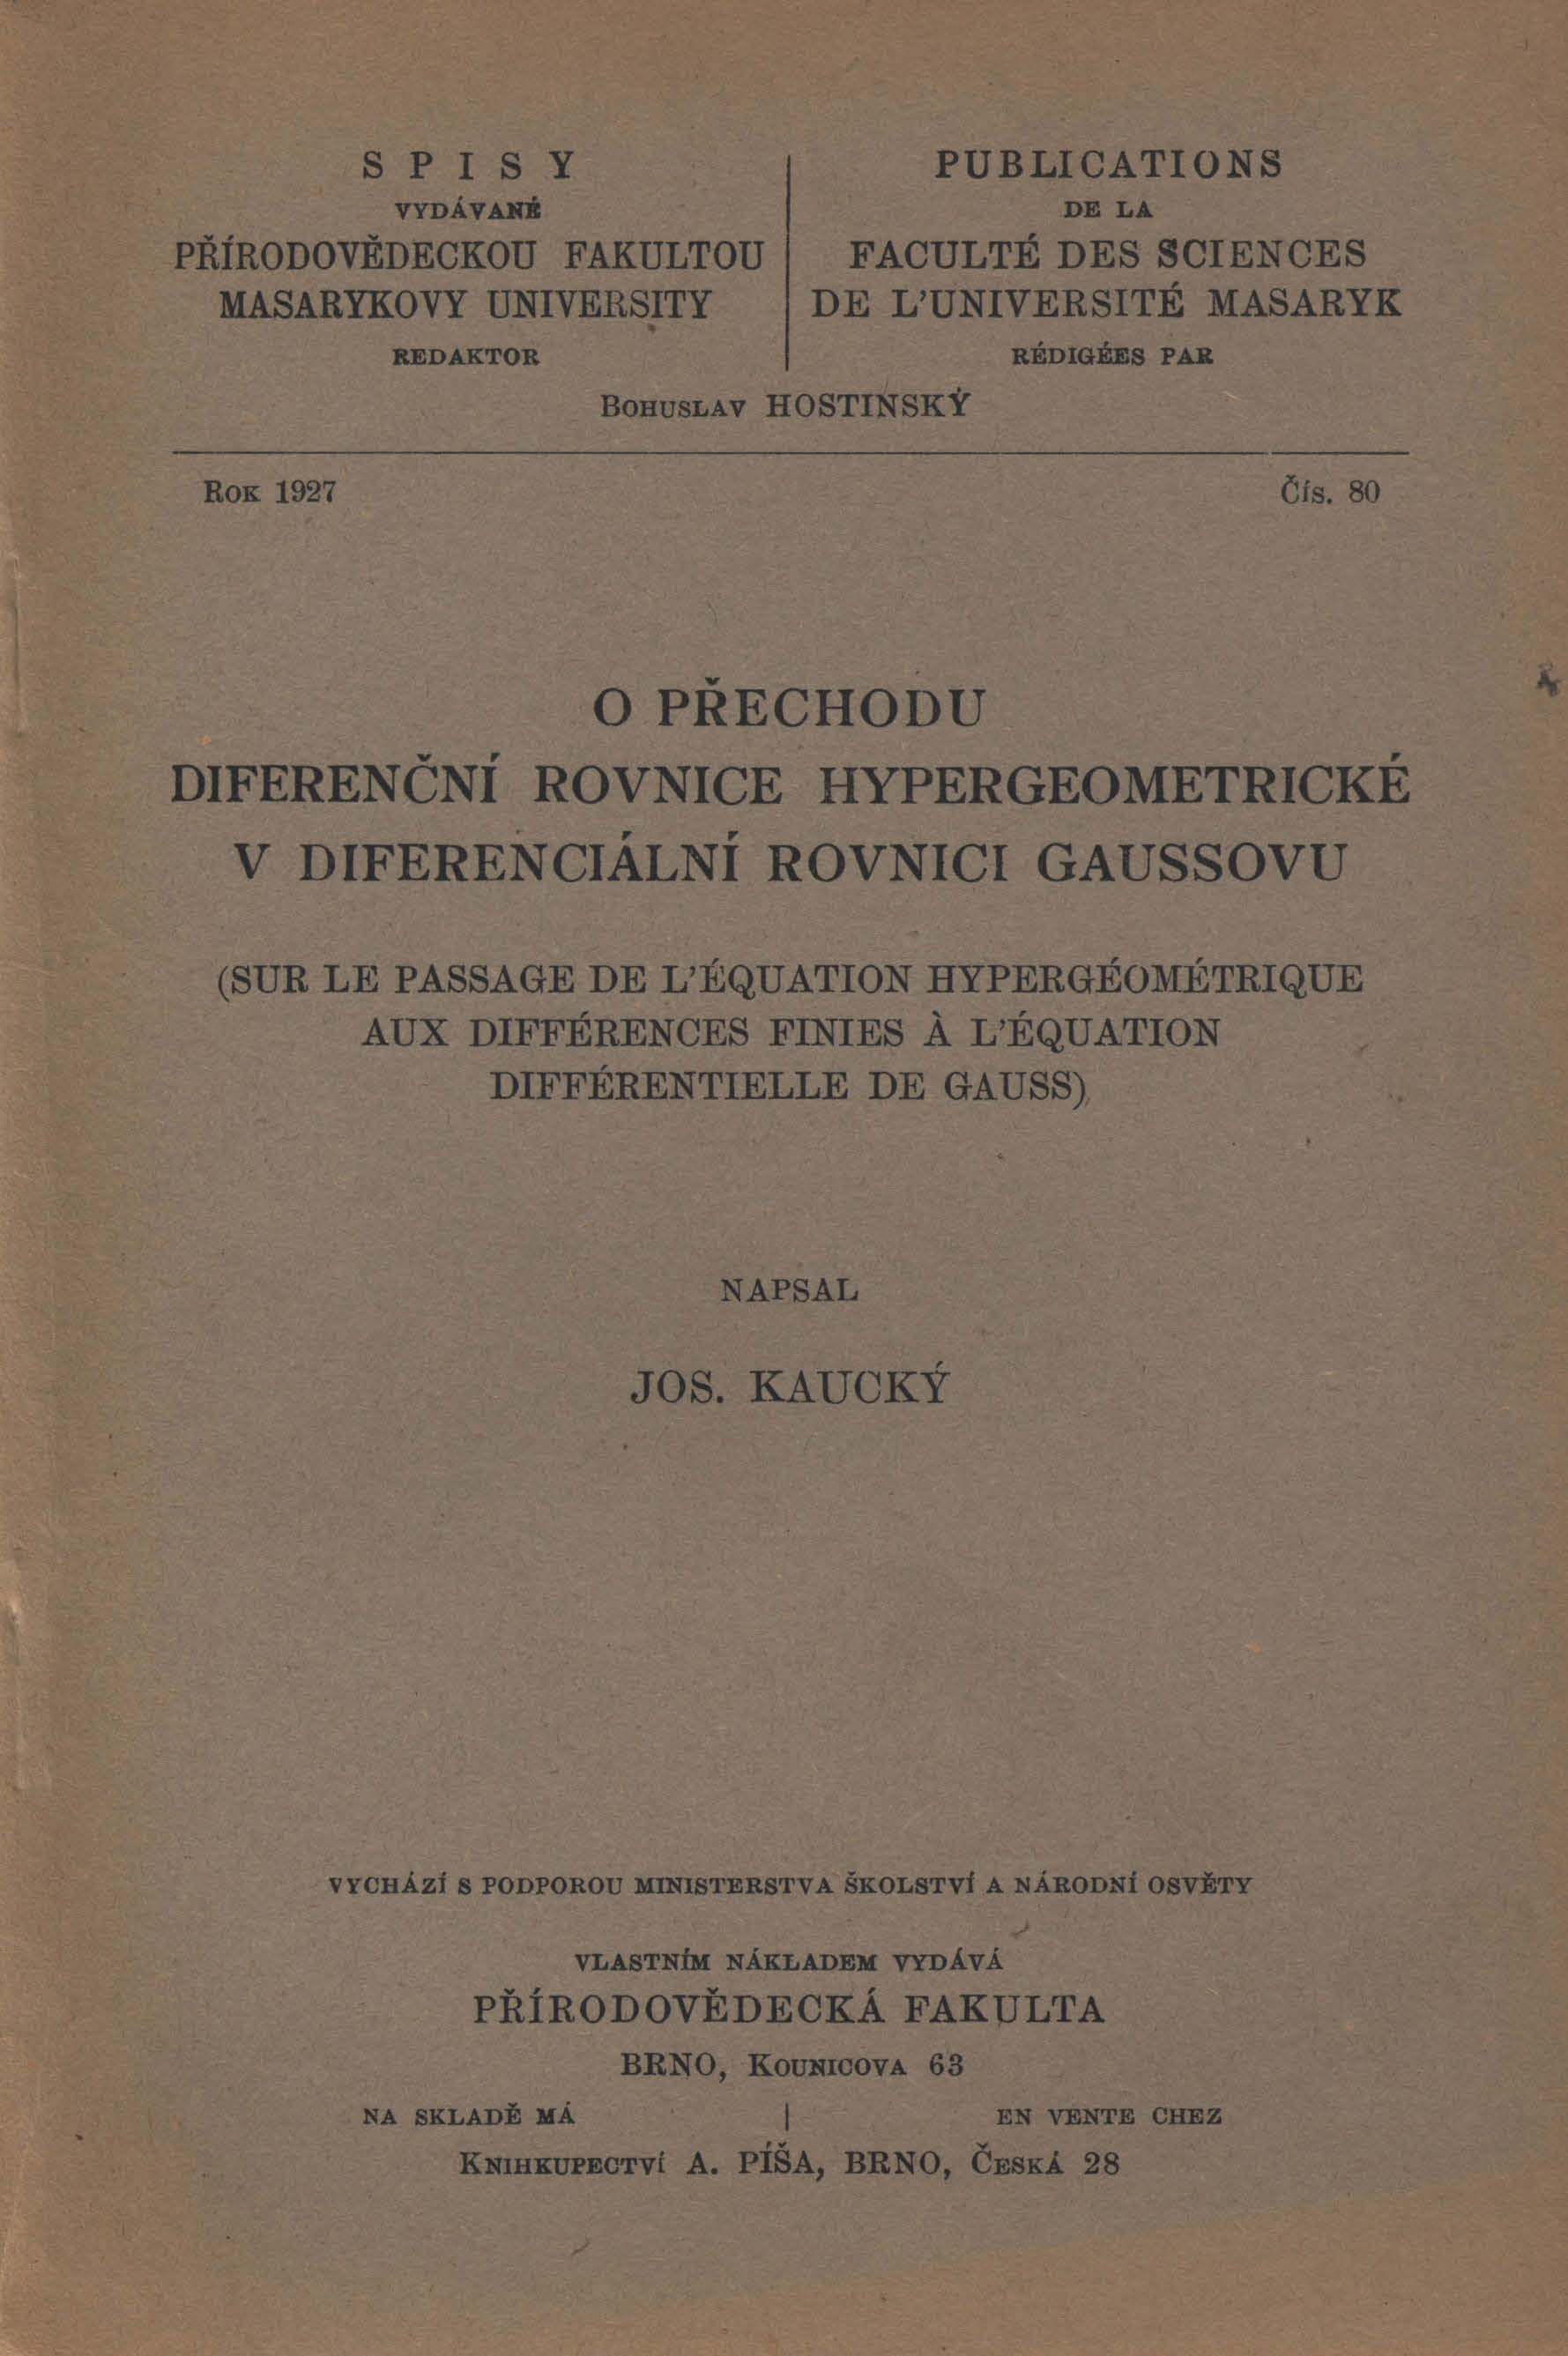 Obálka pro O přechodu diferenční rovnice hypergeometrické v diferenciální rovnici Gaussovu